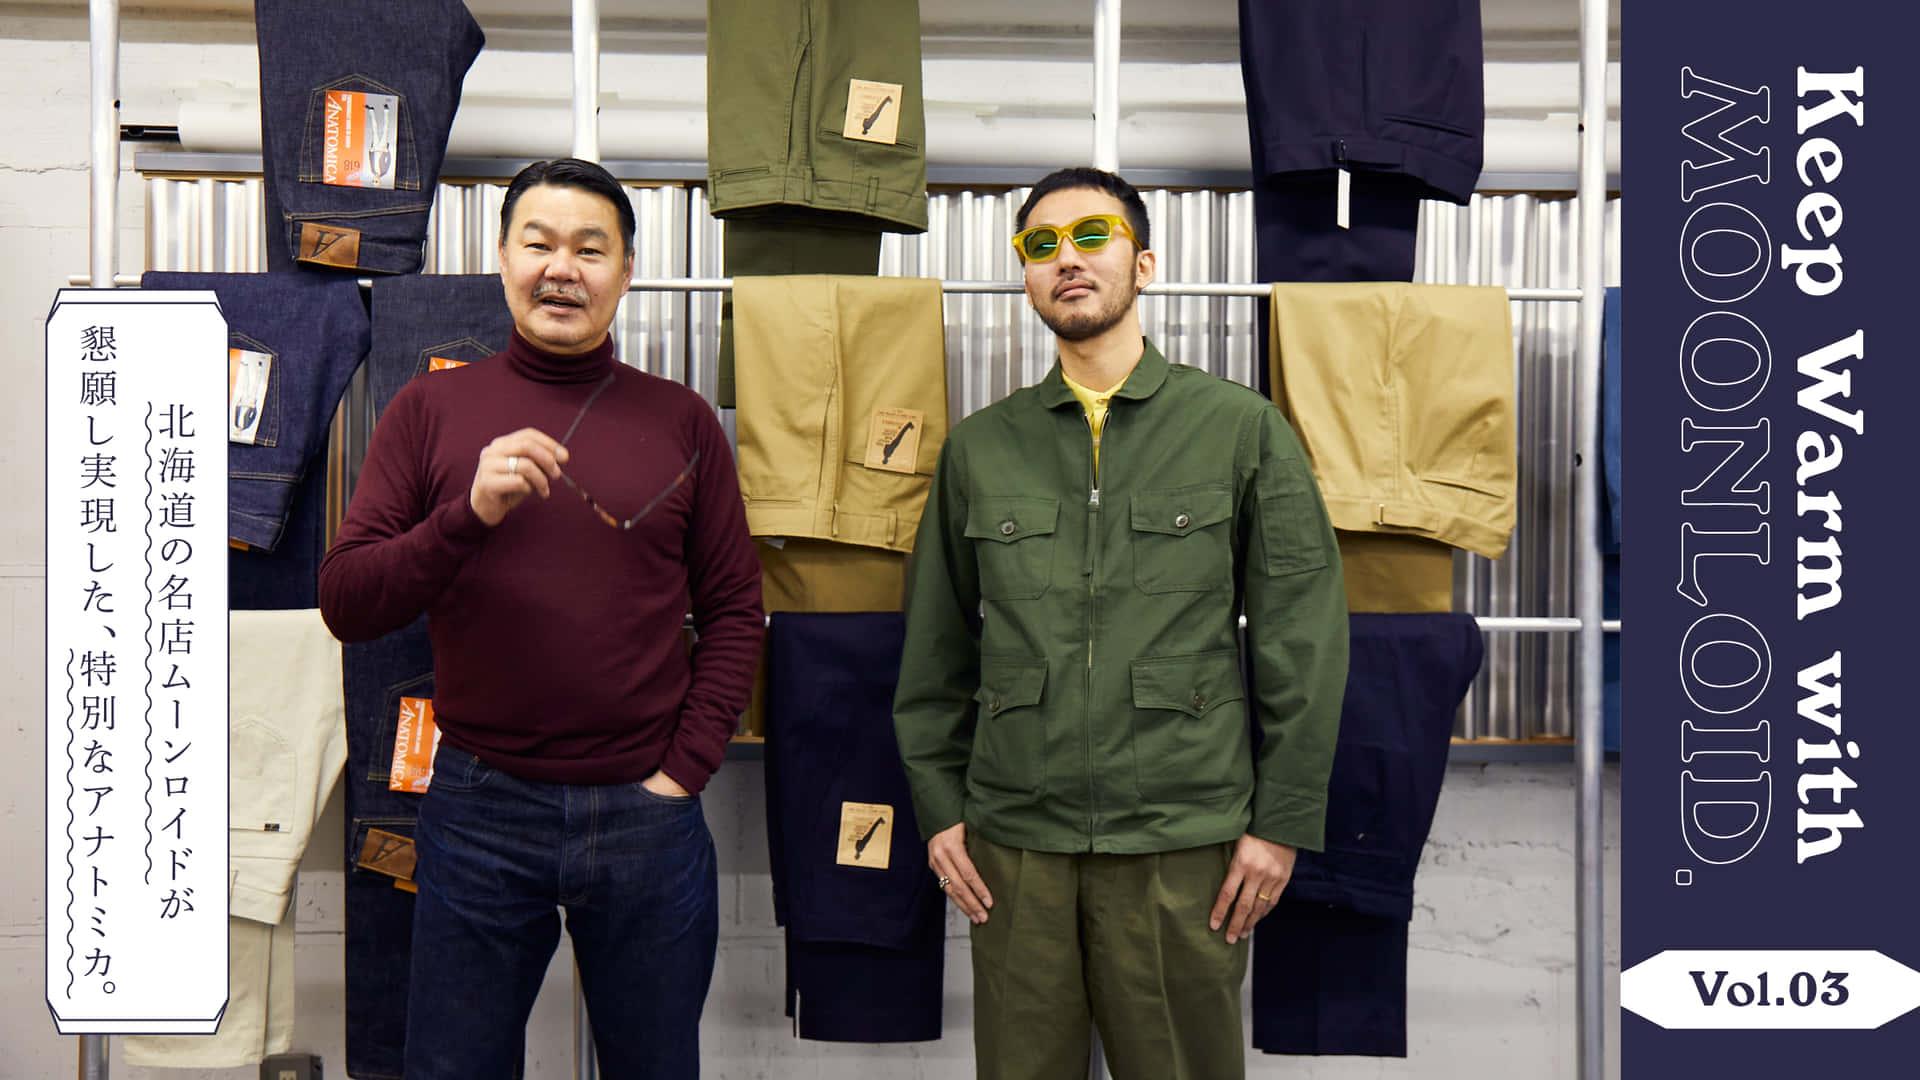 北海道の名店ムーンロイドが懇願し実現した、特別なアナトミカ。